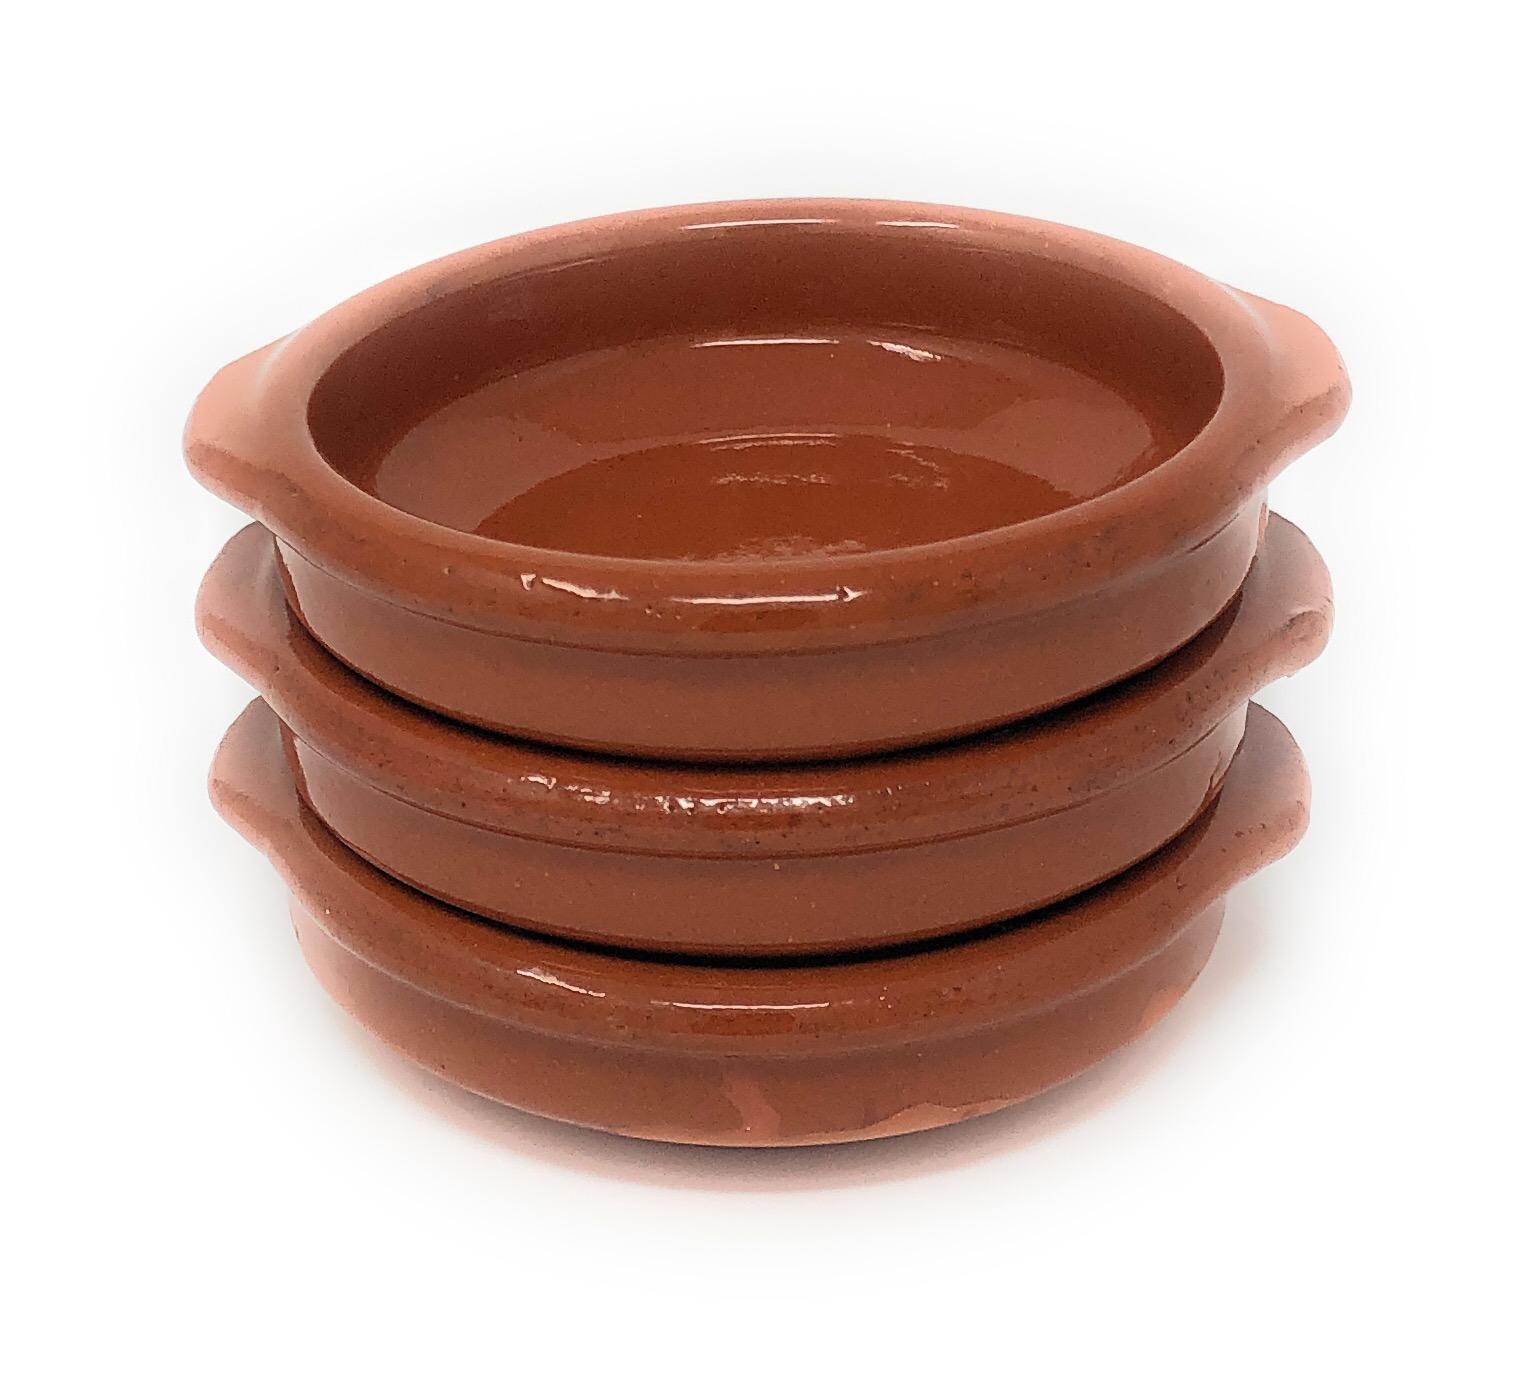 Alfareria Padilla 3er-Set Cazuela Tonschale rustikale Servierschale klein, traditionel, flach, rund, braun 12 cm   3x12cm